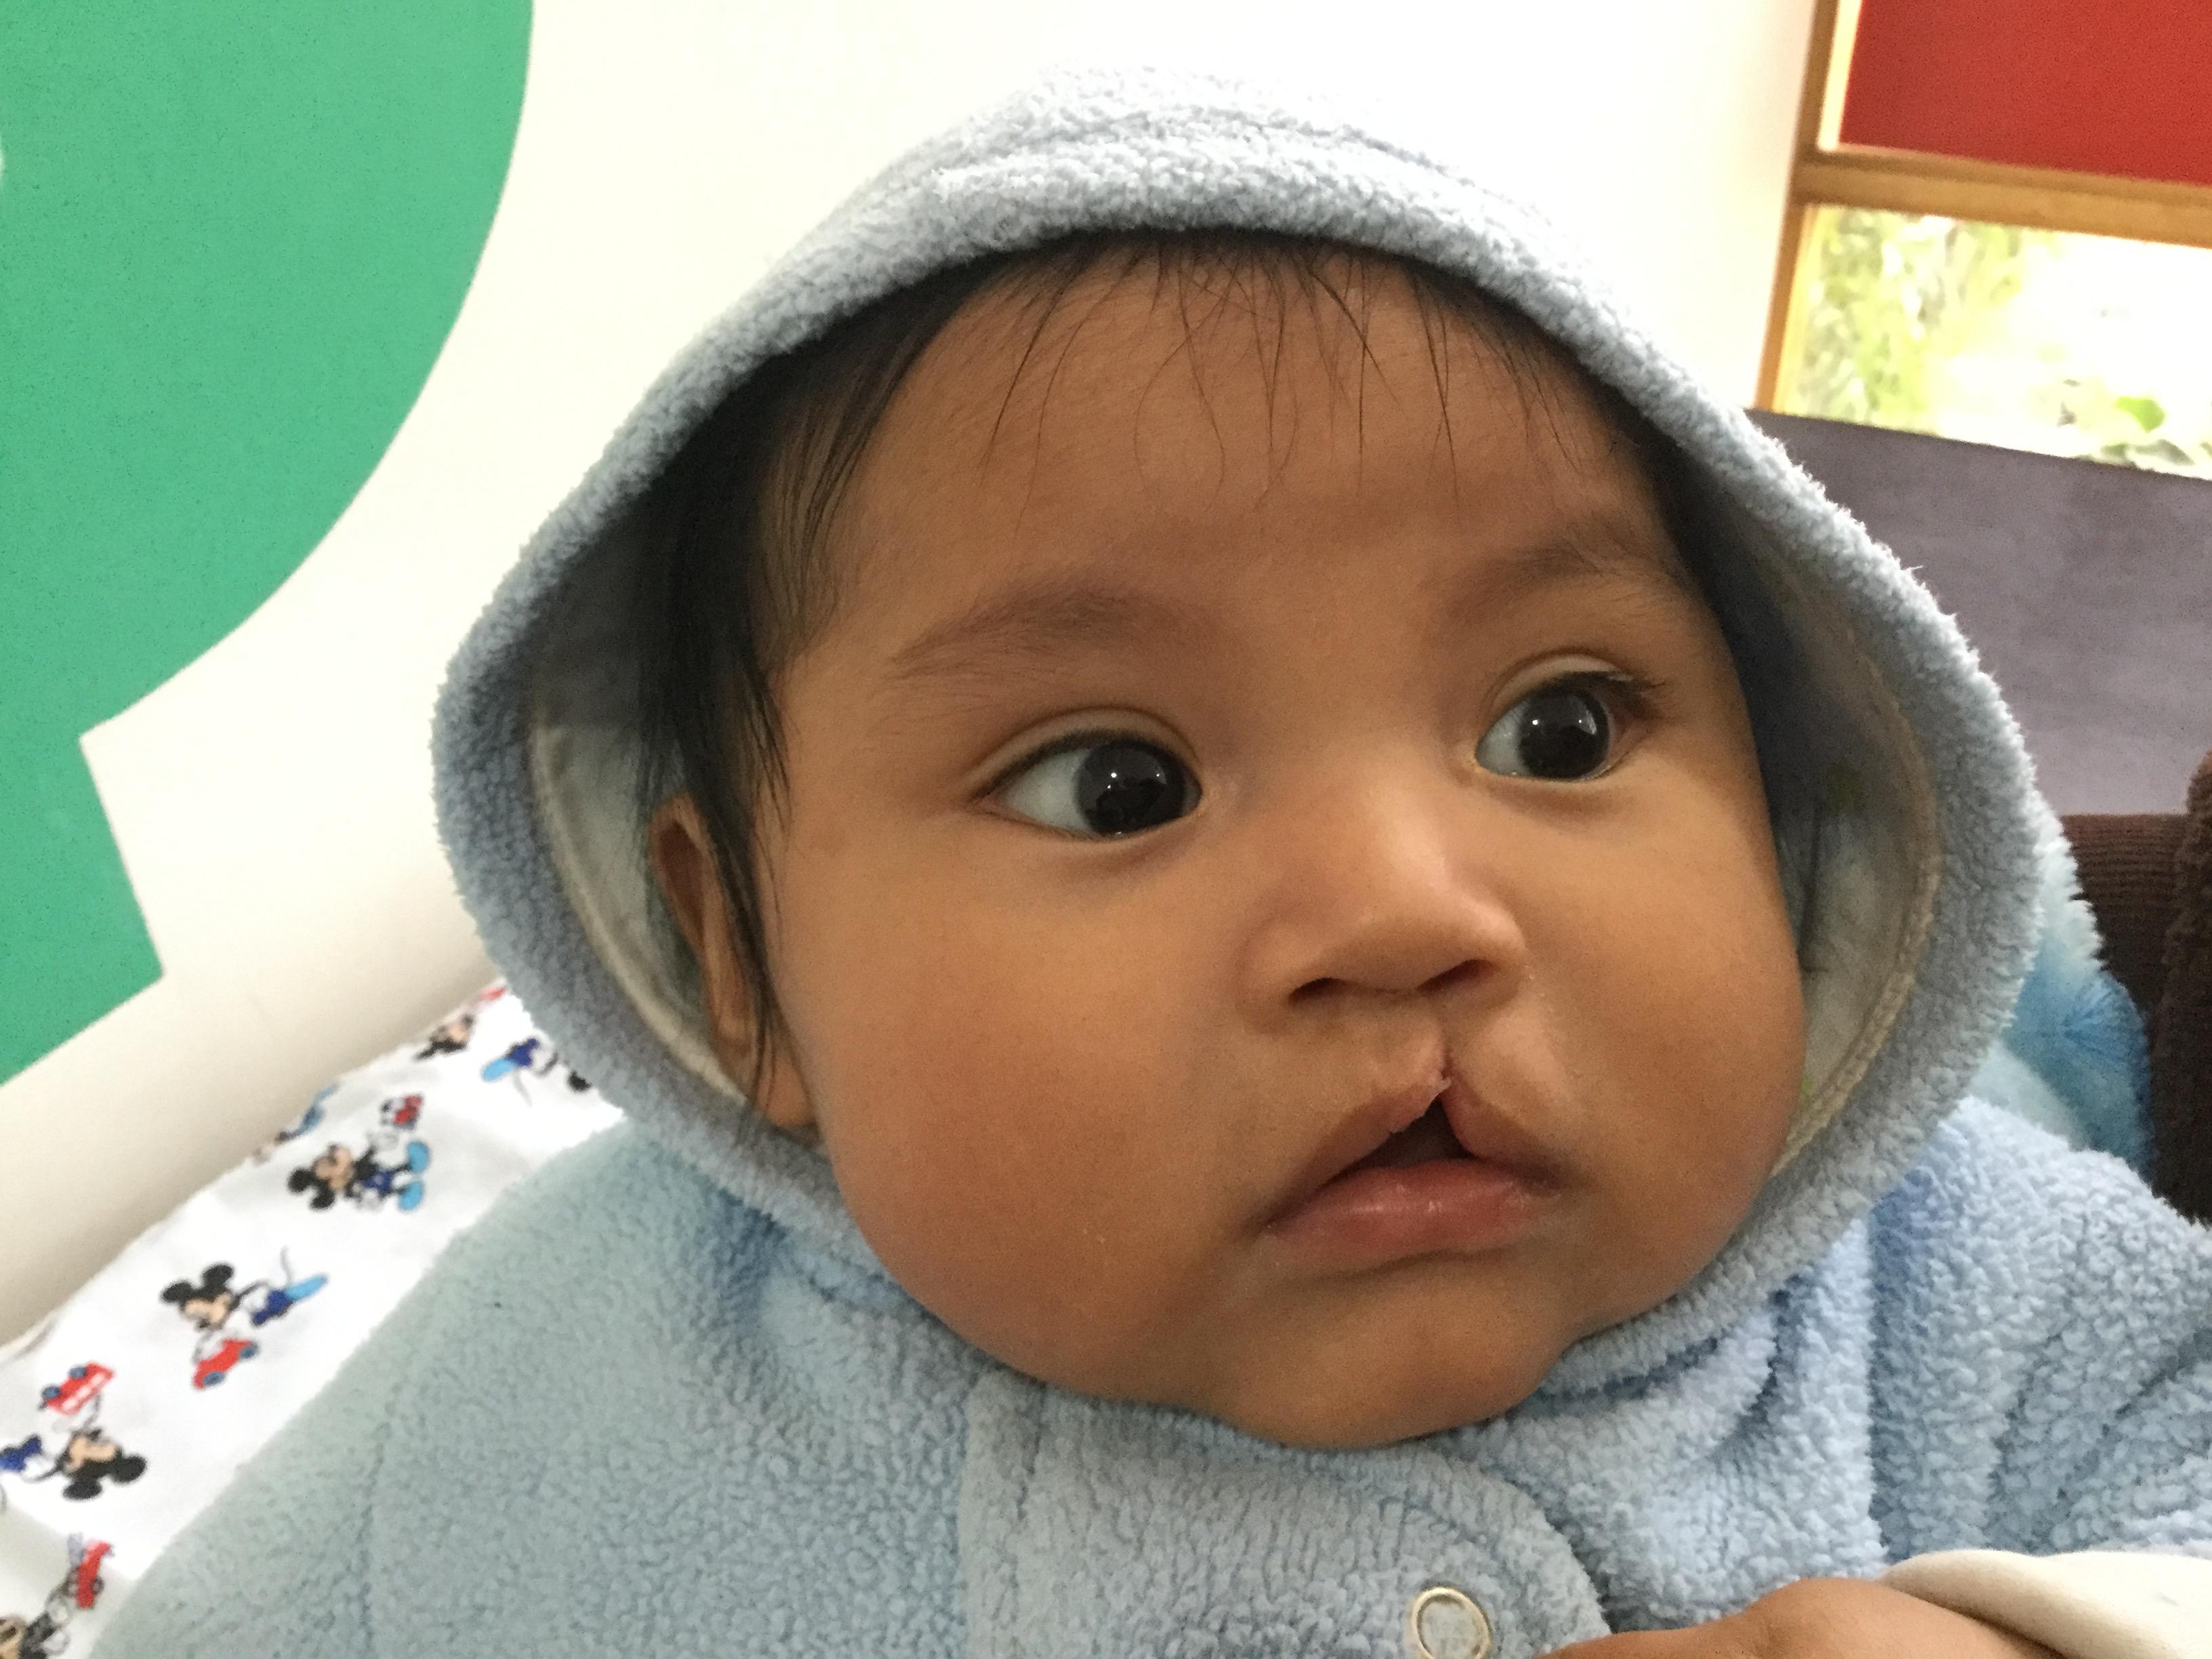 Paz holandesa medische hulp voor peruaanse kinderen perucleftlip img1050 thecheapjerseys Images